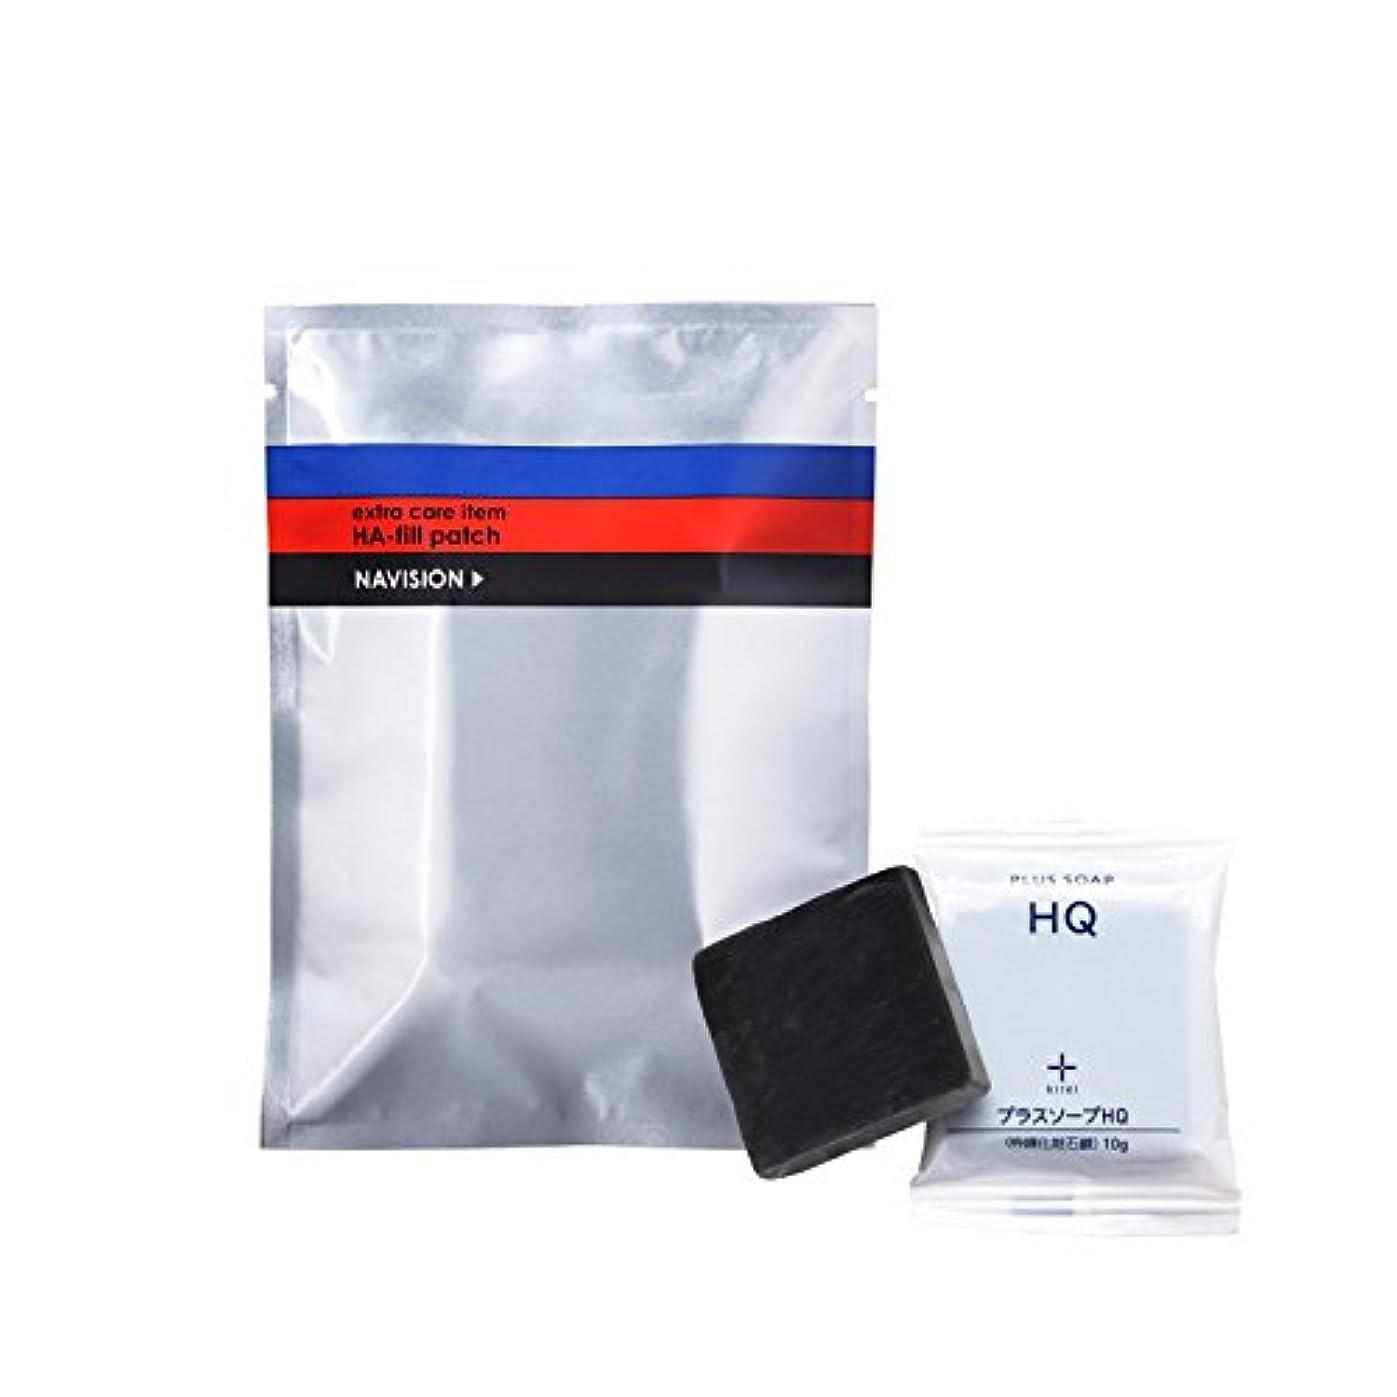 単に最も遠い頂点ナビジョン NAVISION HAフィルパッチ(2枚×3包入) + プラスキレイ プラスソープHQミニ